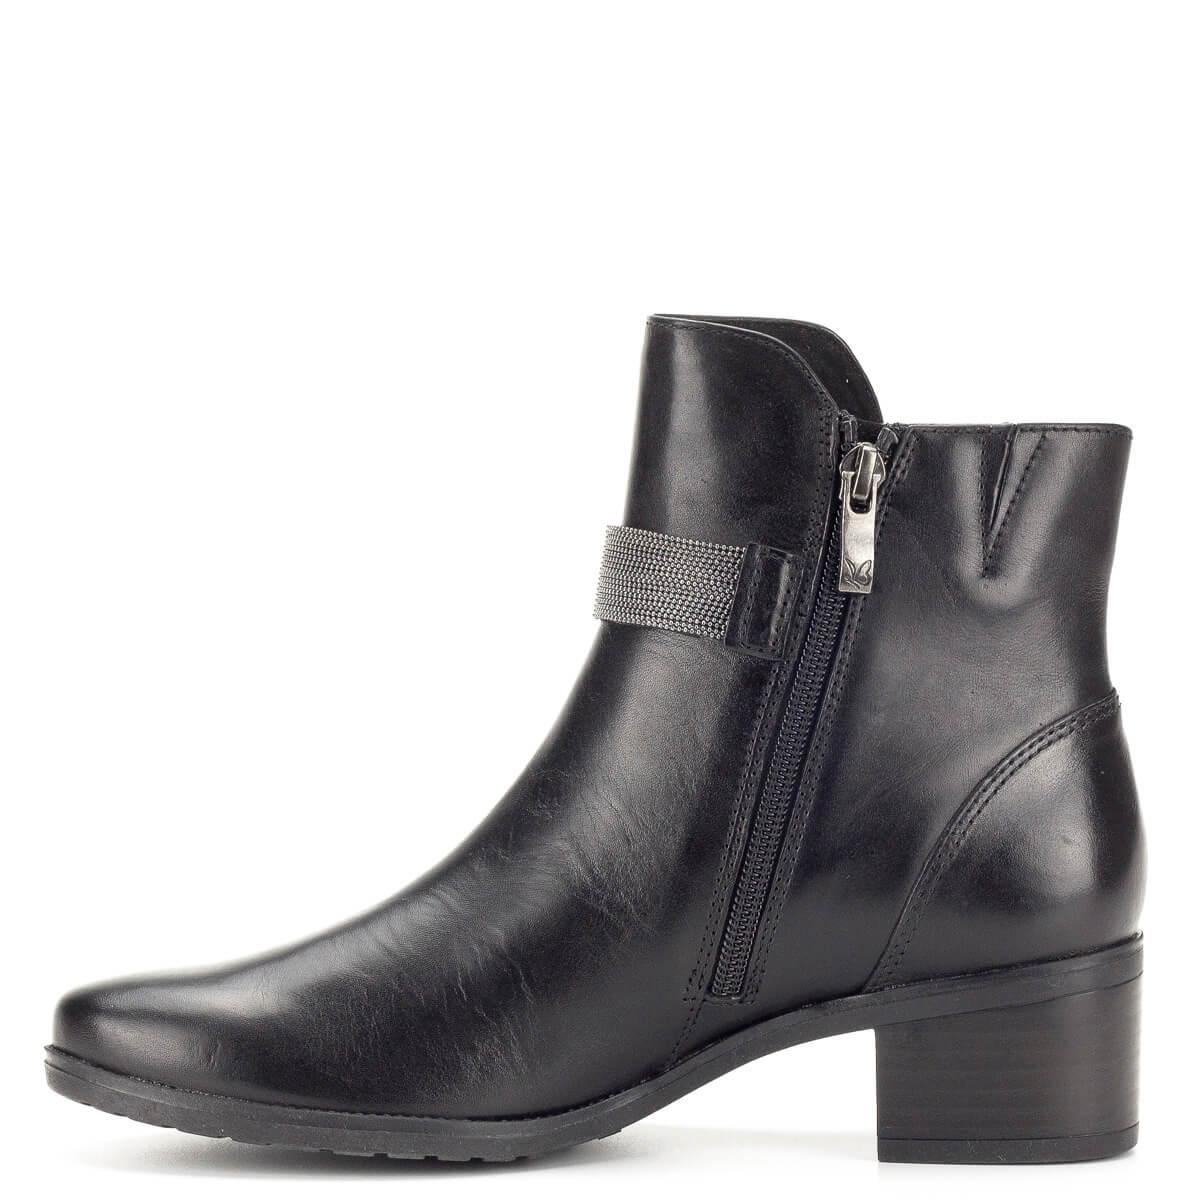 Fekete díszített Caprice bokacsizma - Rövid szárú csizma - Bőr bokacipő 695e30f78b